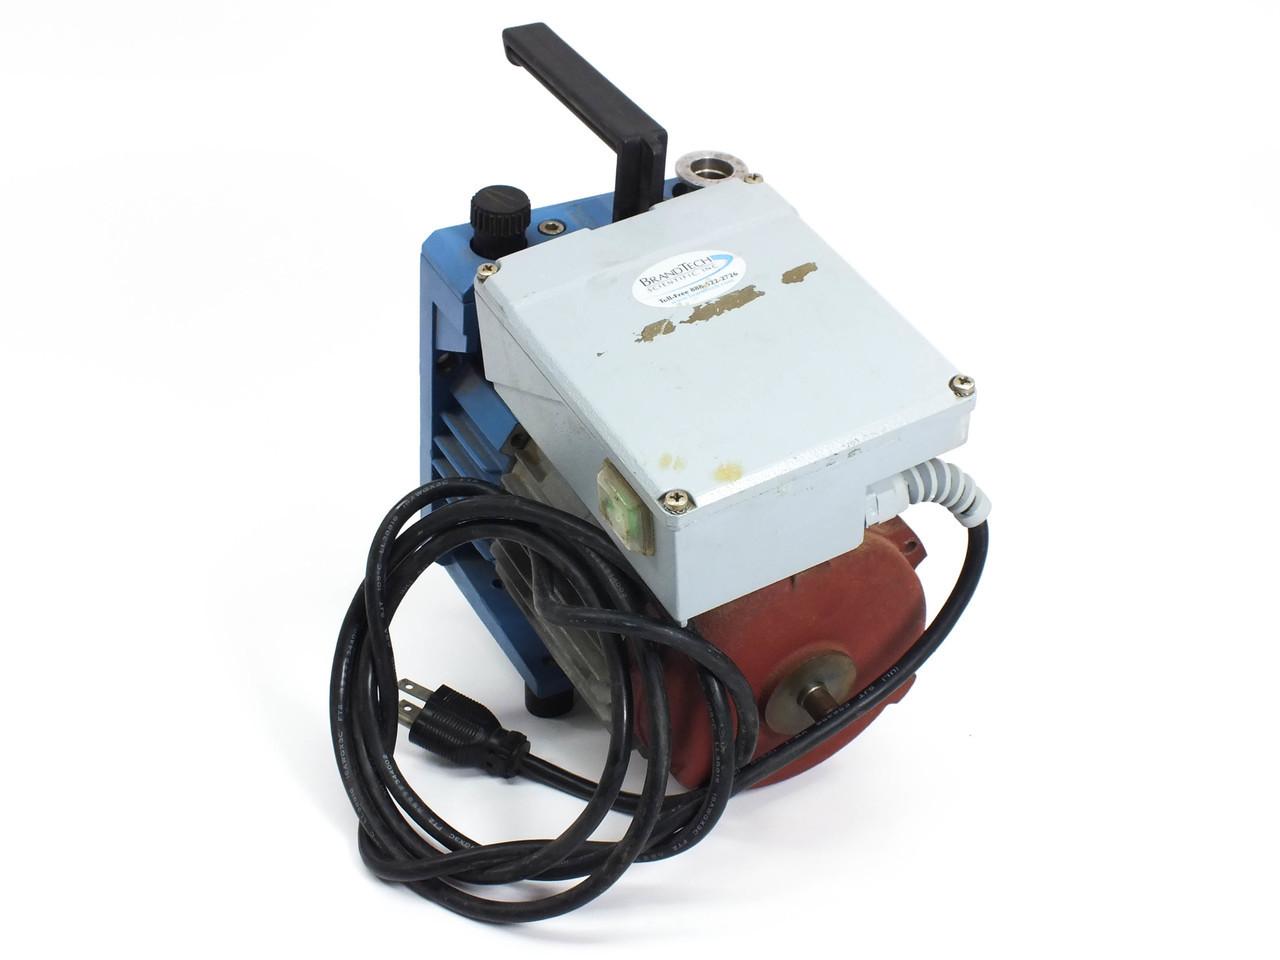 Atb Motor Wiring Diagram - Wiring Diagram